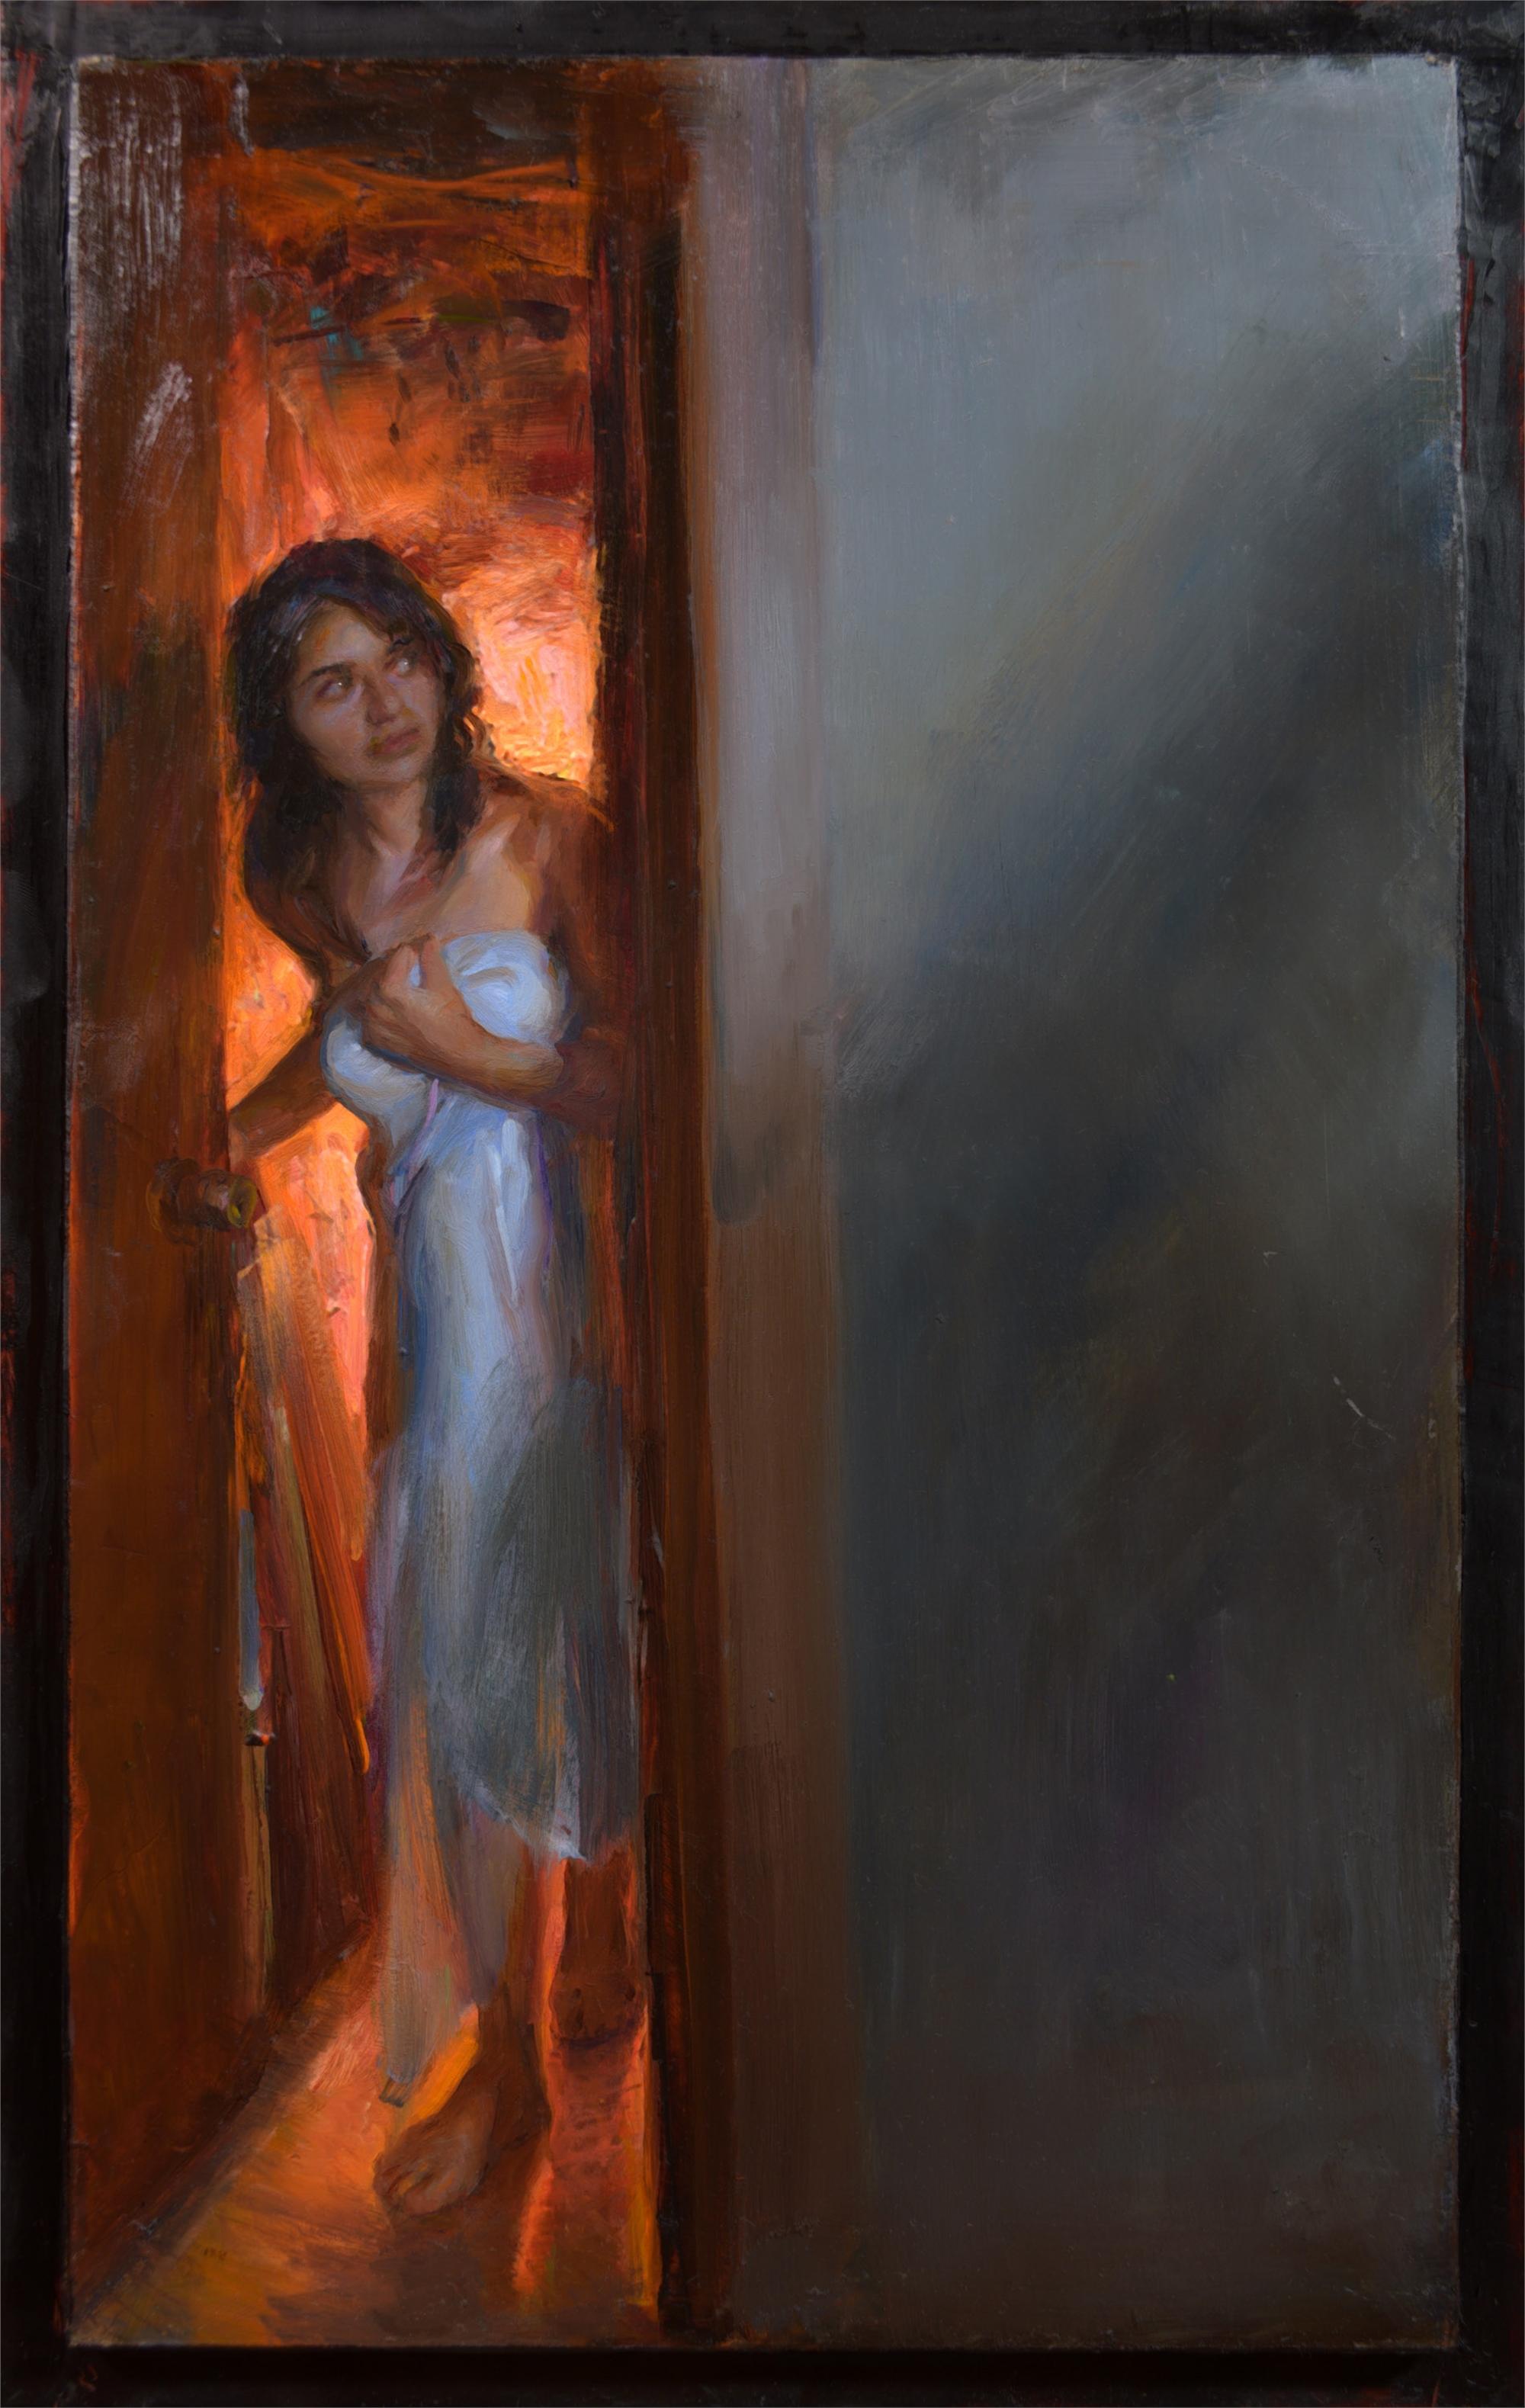 Threshold by Rose Frantzen